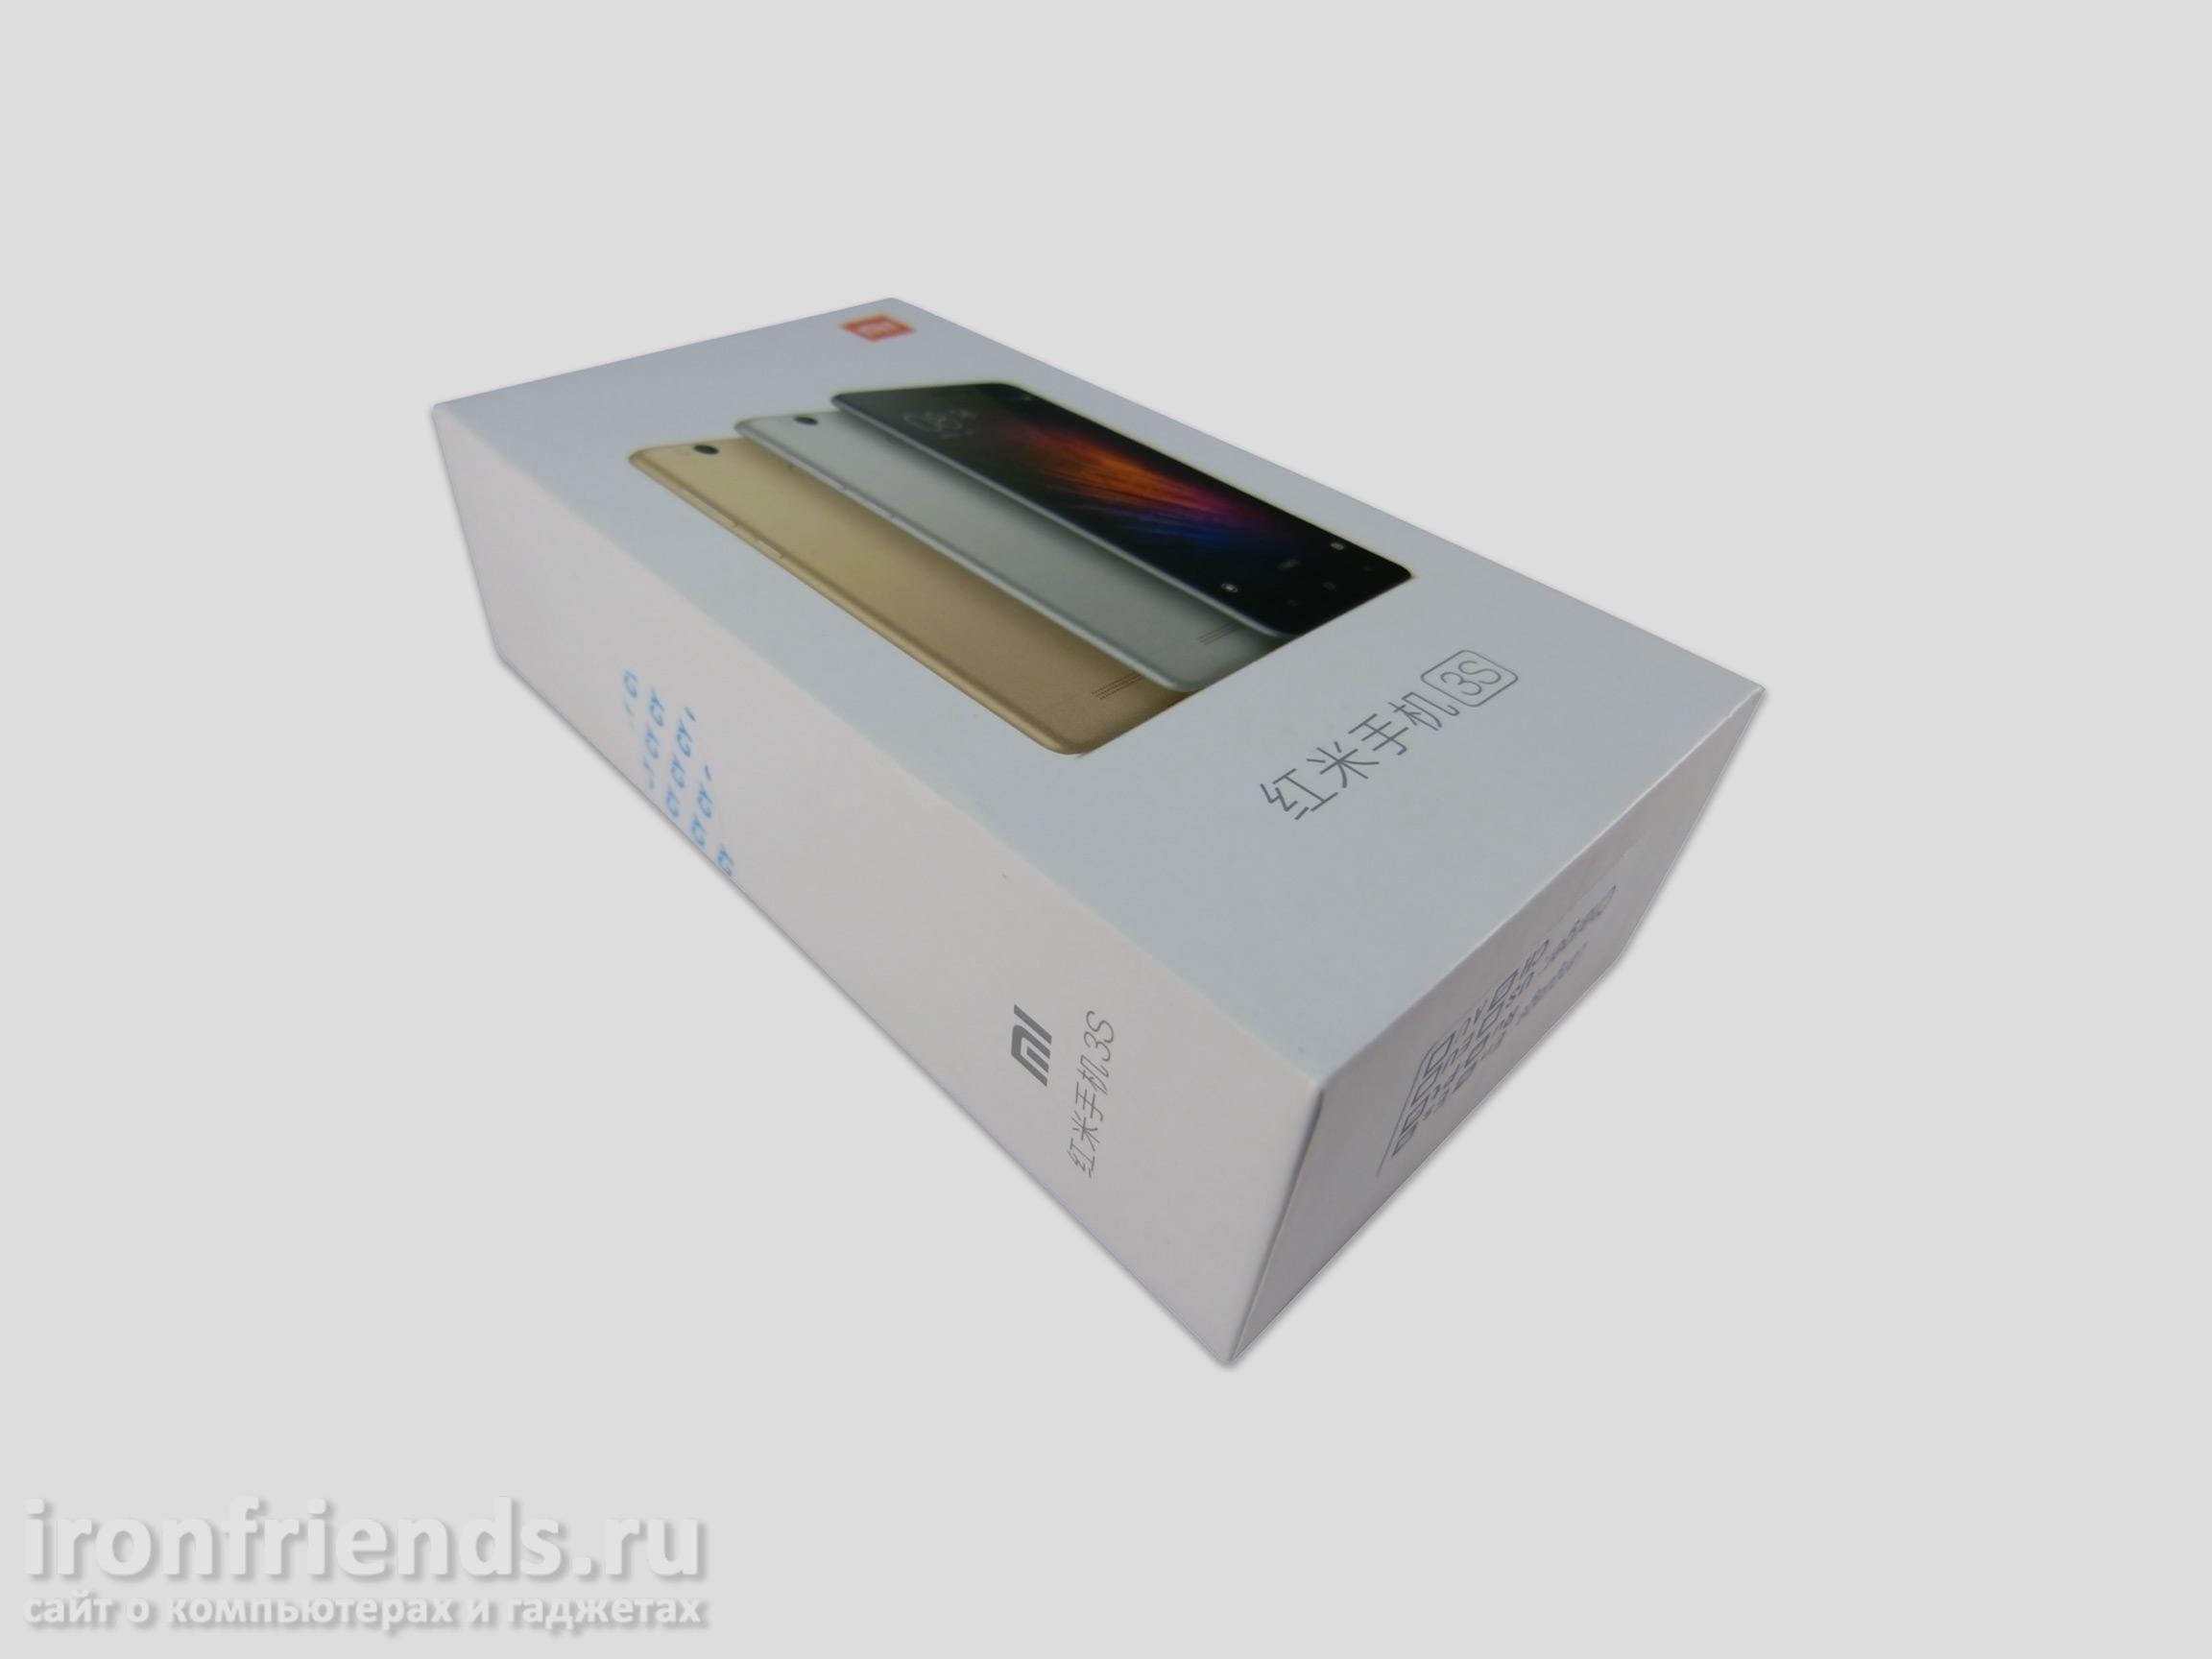 Упаковка Xiaomi Redmi 3s